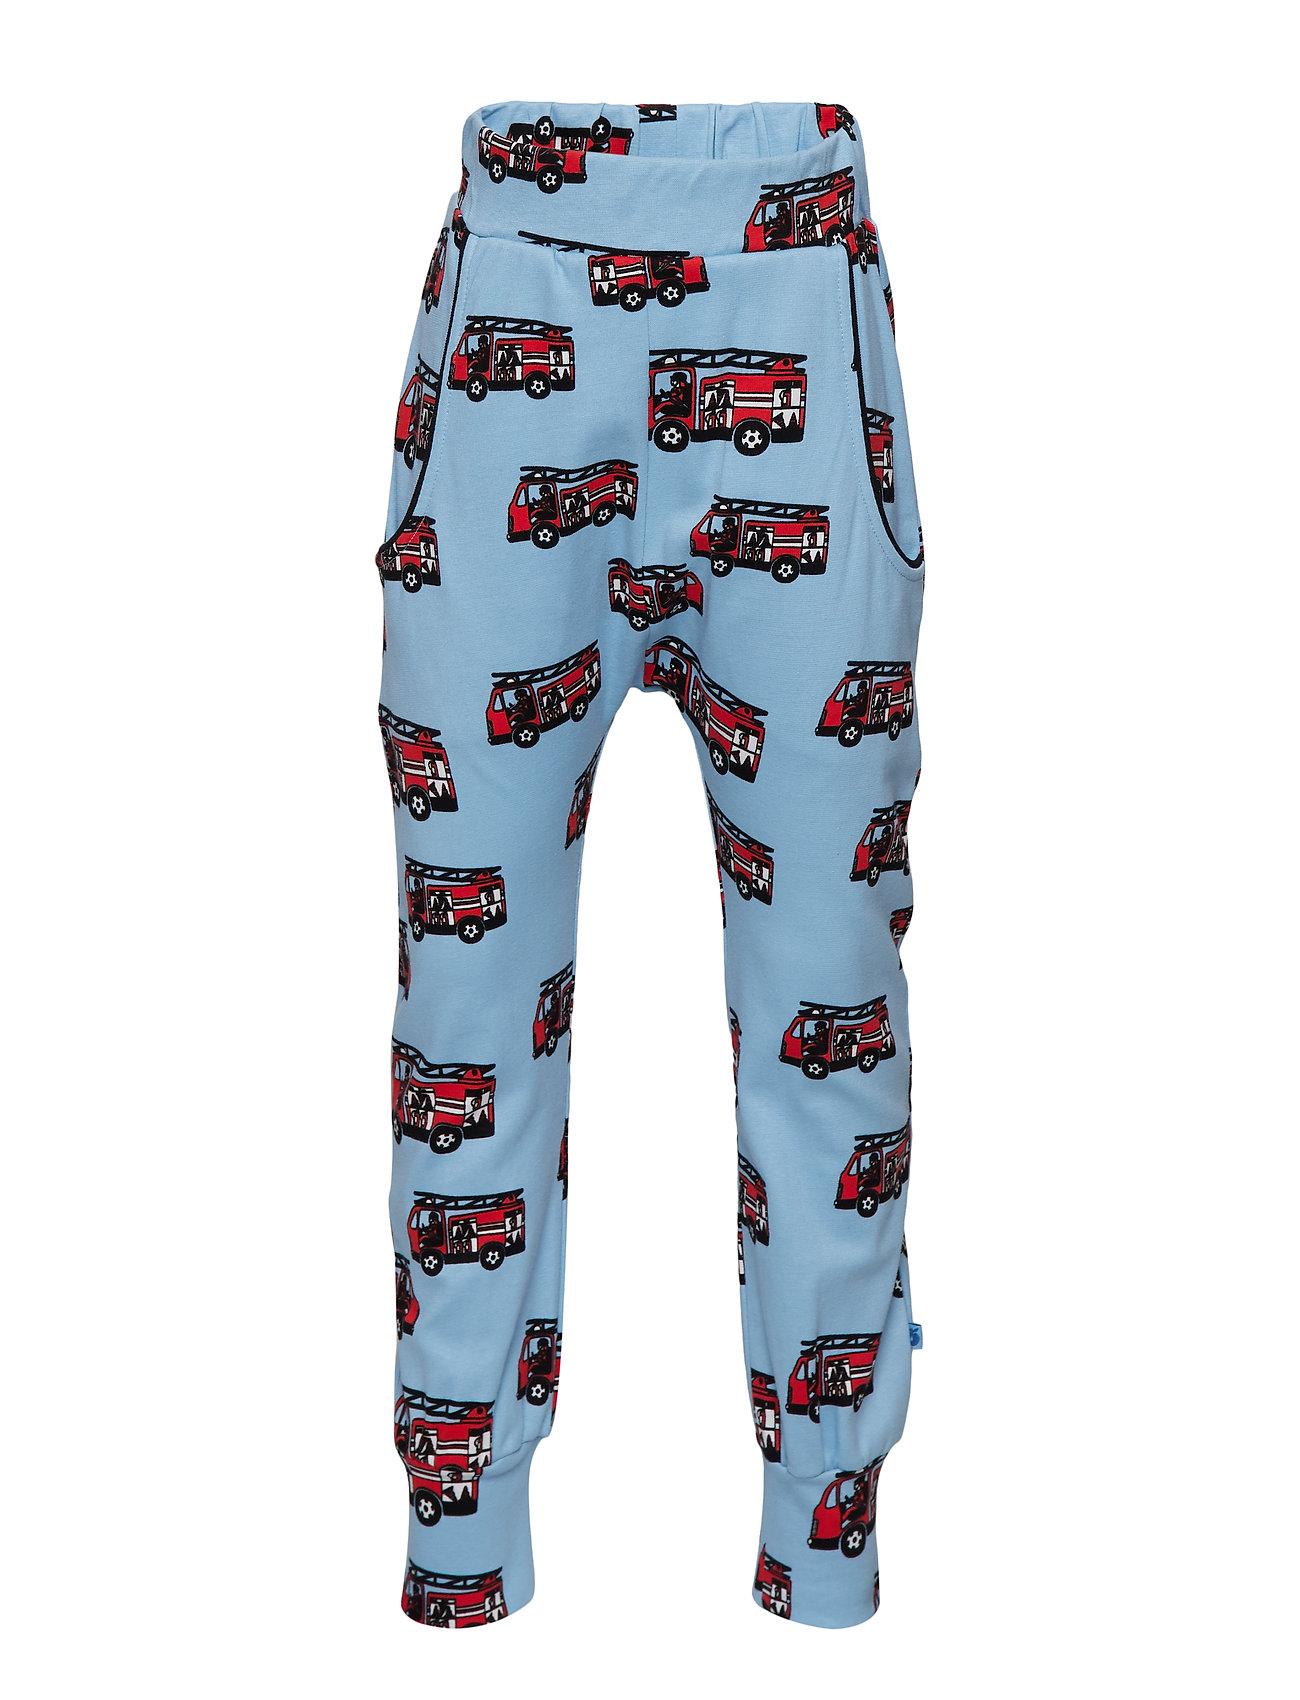 Småfolk Pants. Firetruck - AIR BLUE